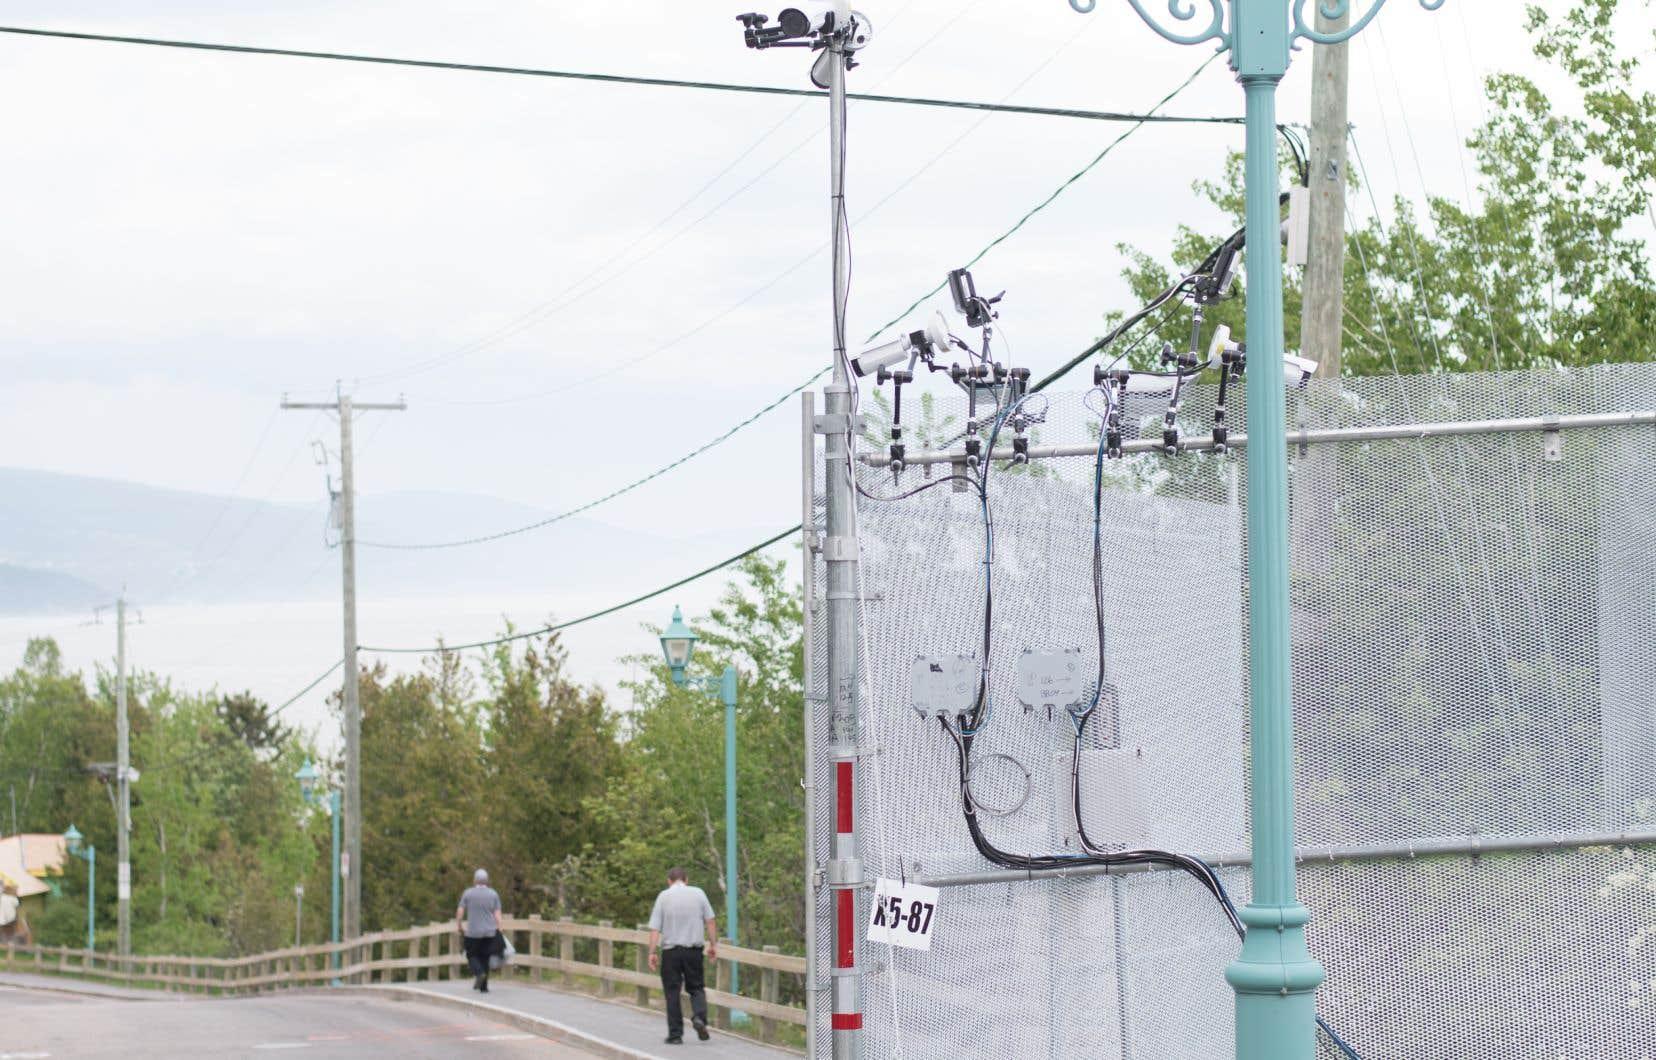 La sécurité est omniprésente à La Malbaie, à l'approche du G7.